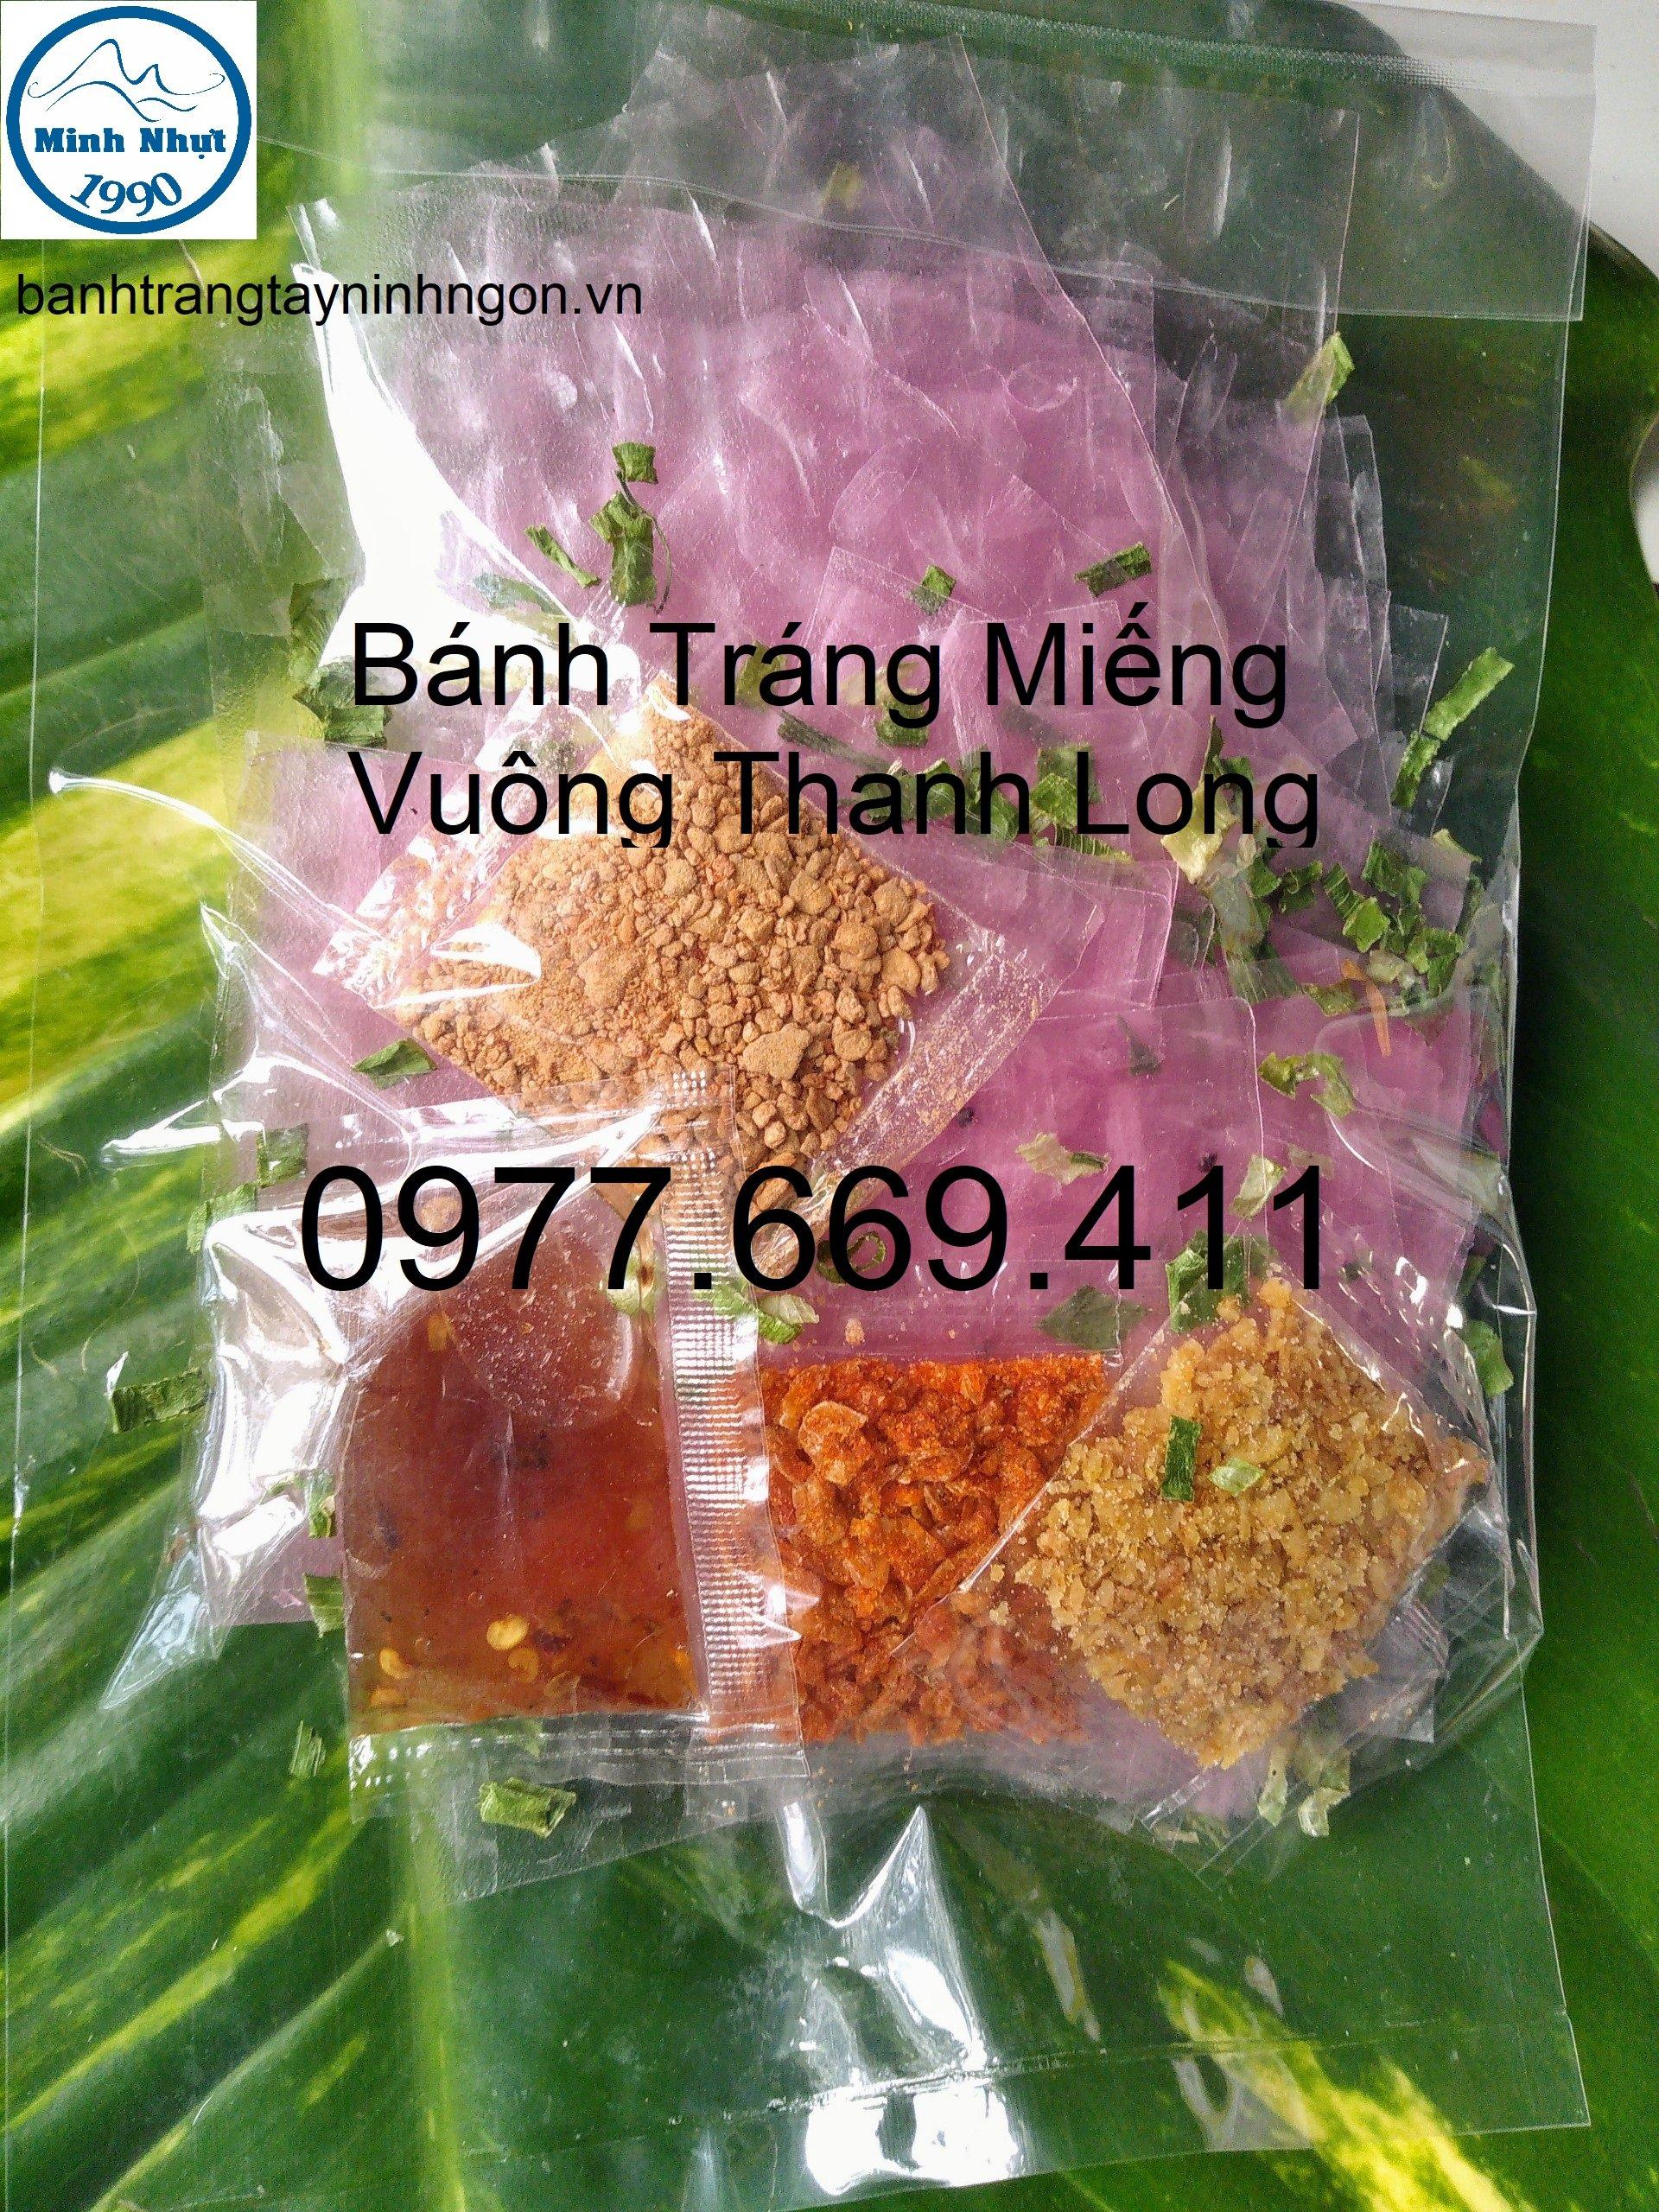 Bánh Tráng Miếng Vuông Thanh Long